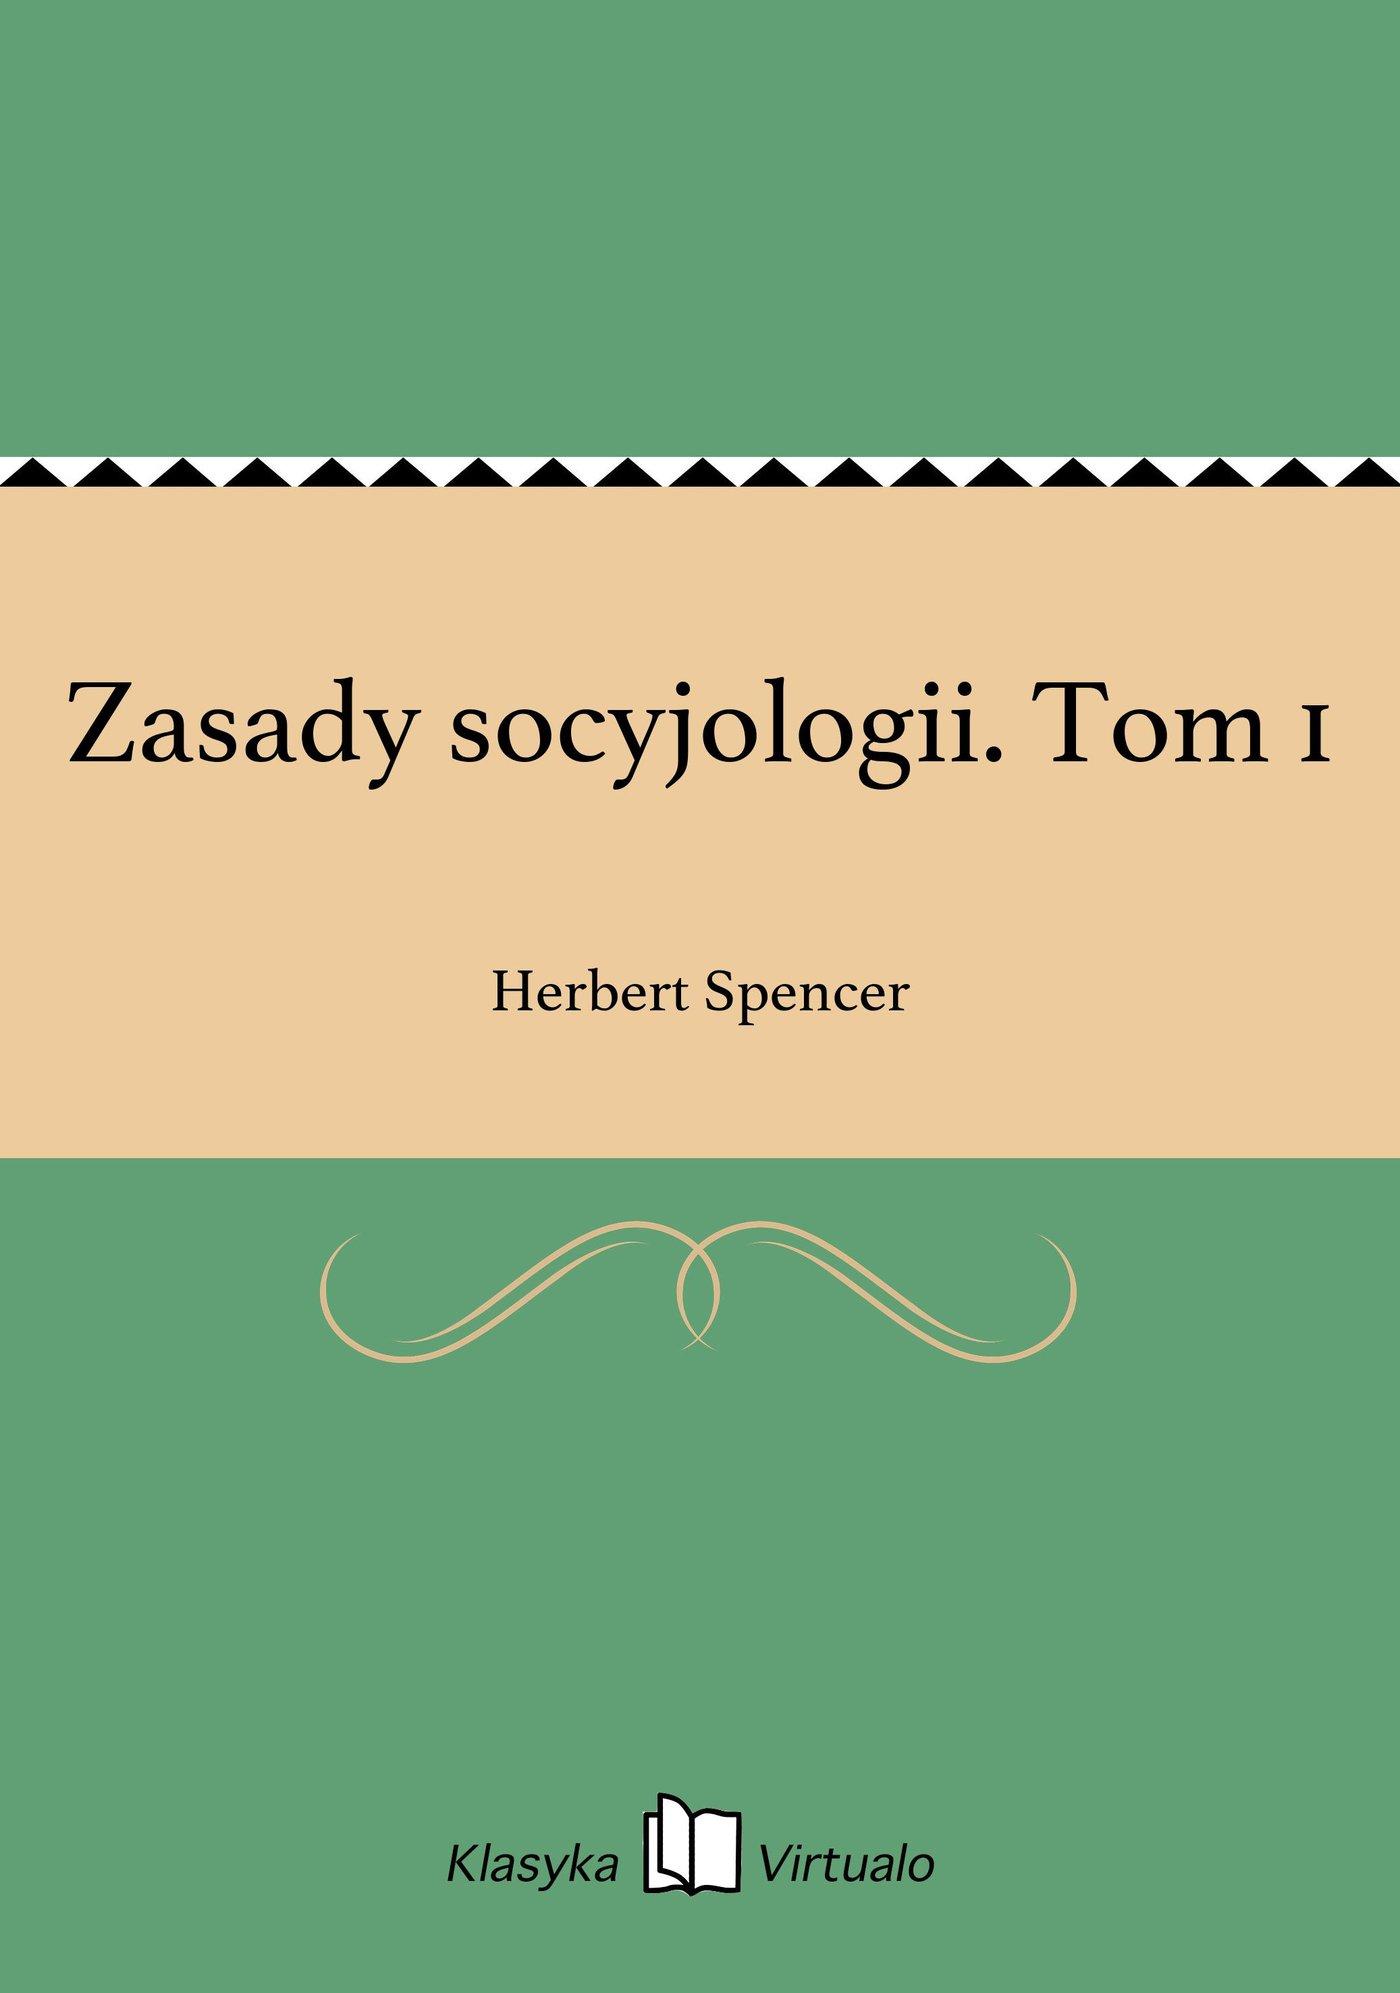 Zasady socyjologii. Tom 1 - Ebook (Książka EPUB) do pobrania w formacie EPUB